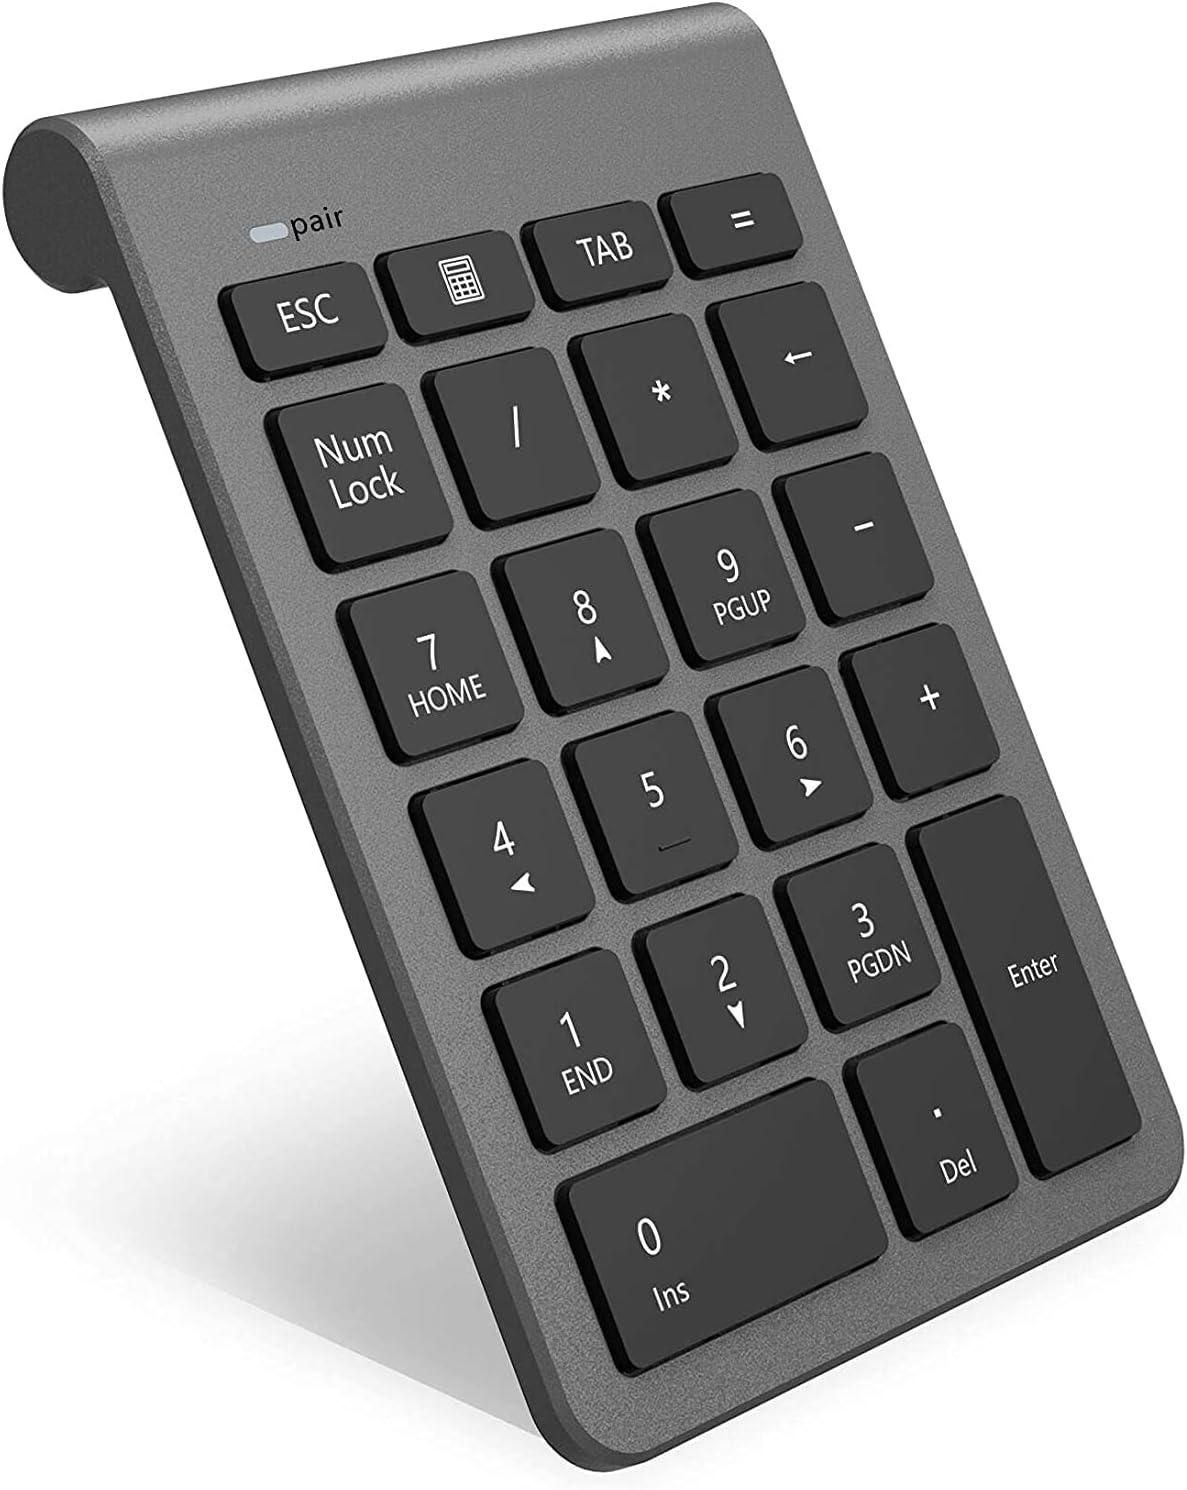 【Upgraded Version】 Sale Ranking TOP15 item Bluetooth Numeric Keypad Arkidyn P